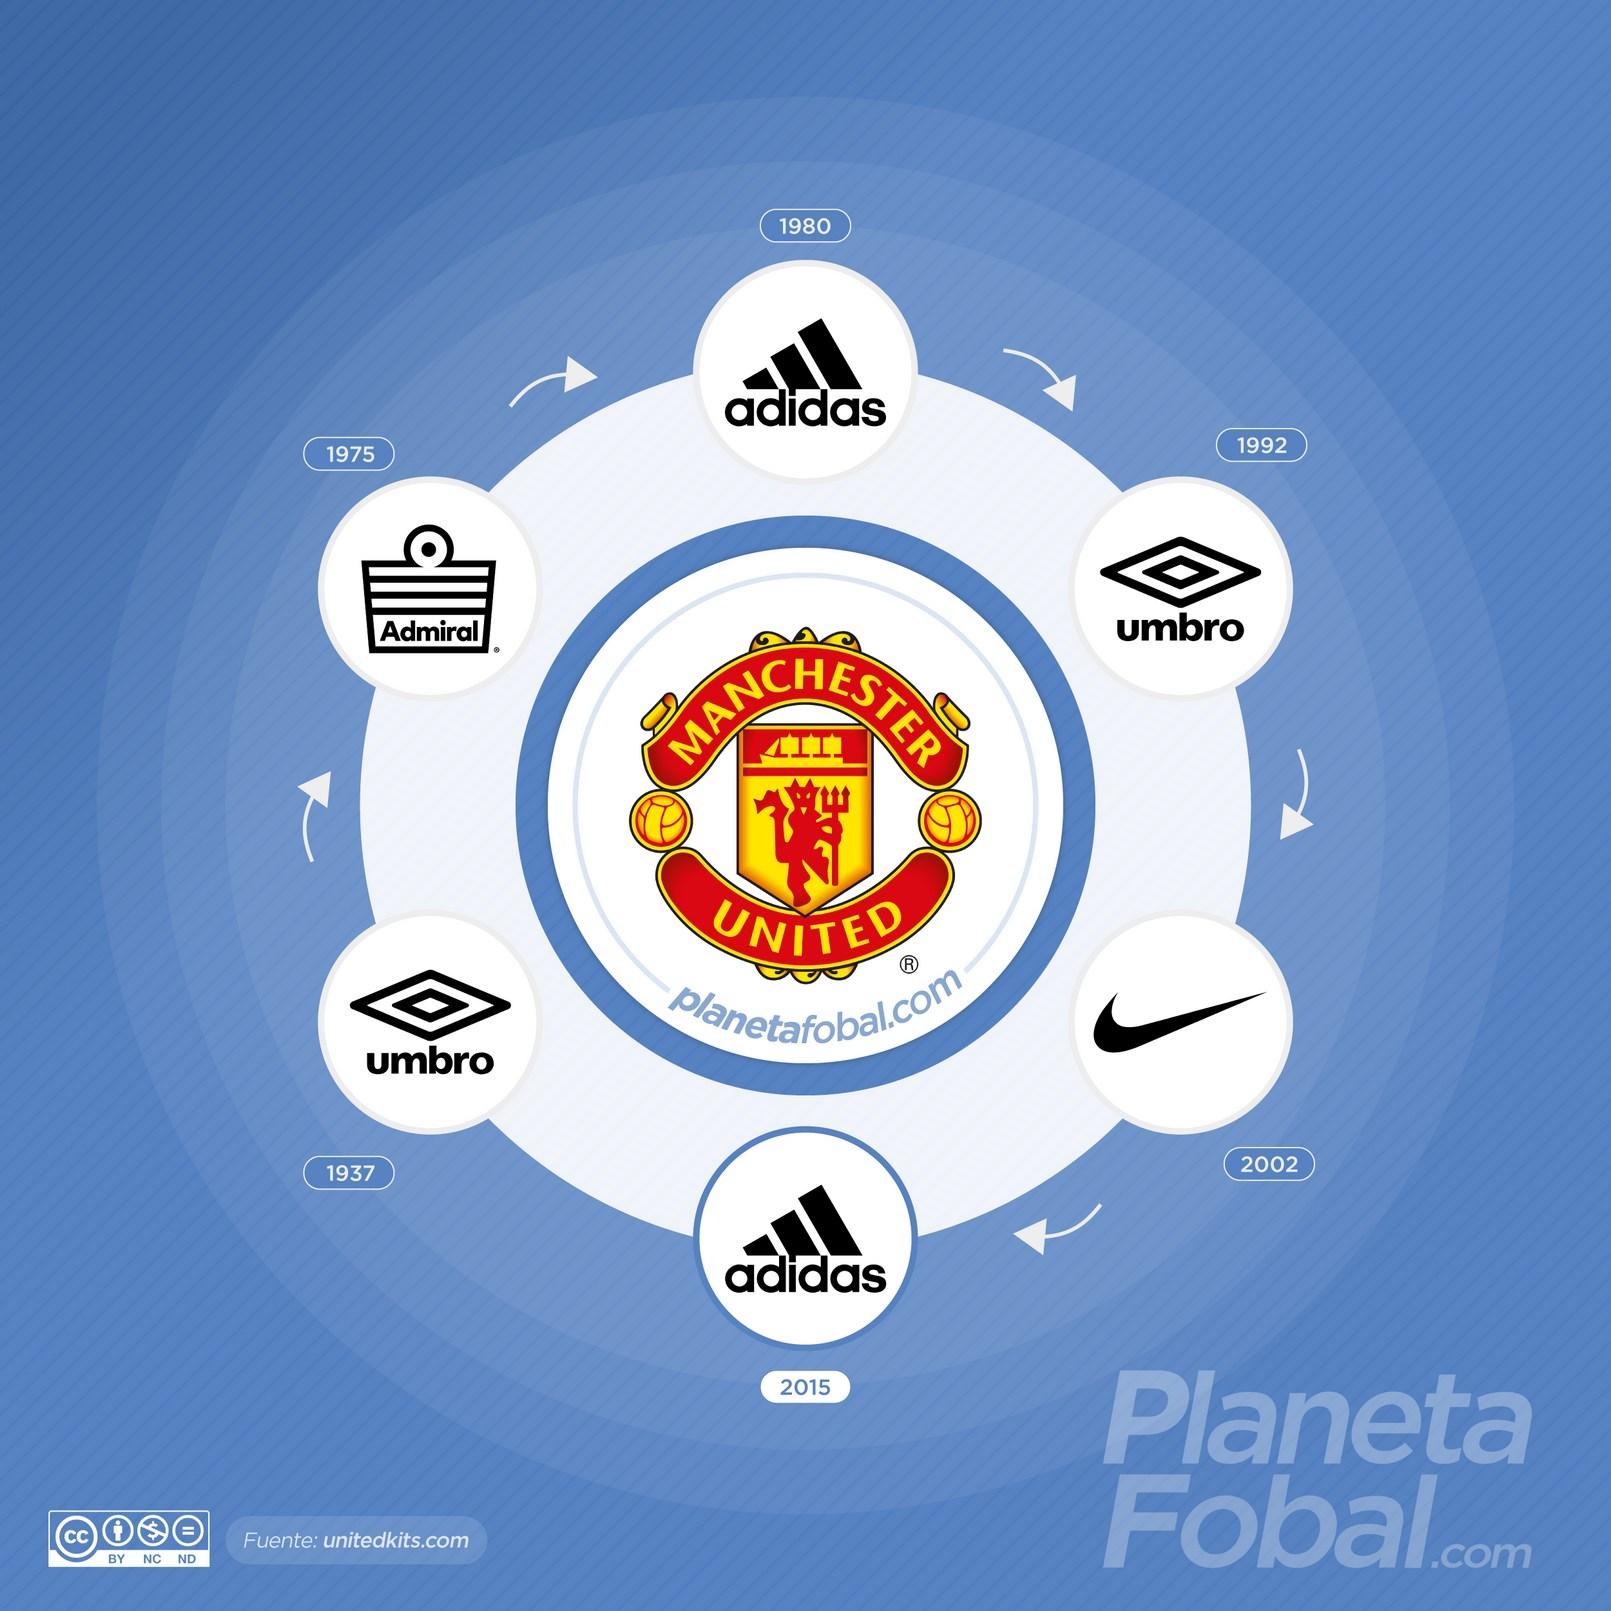 Marcas deportivas que vistieron al Manchester United de Inglaterra